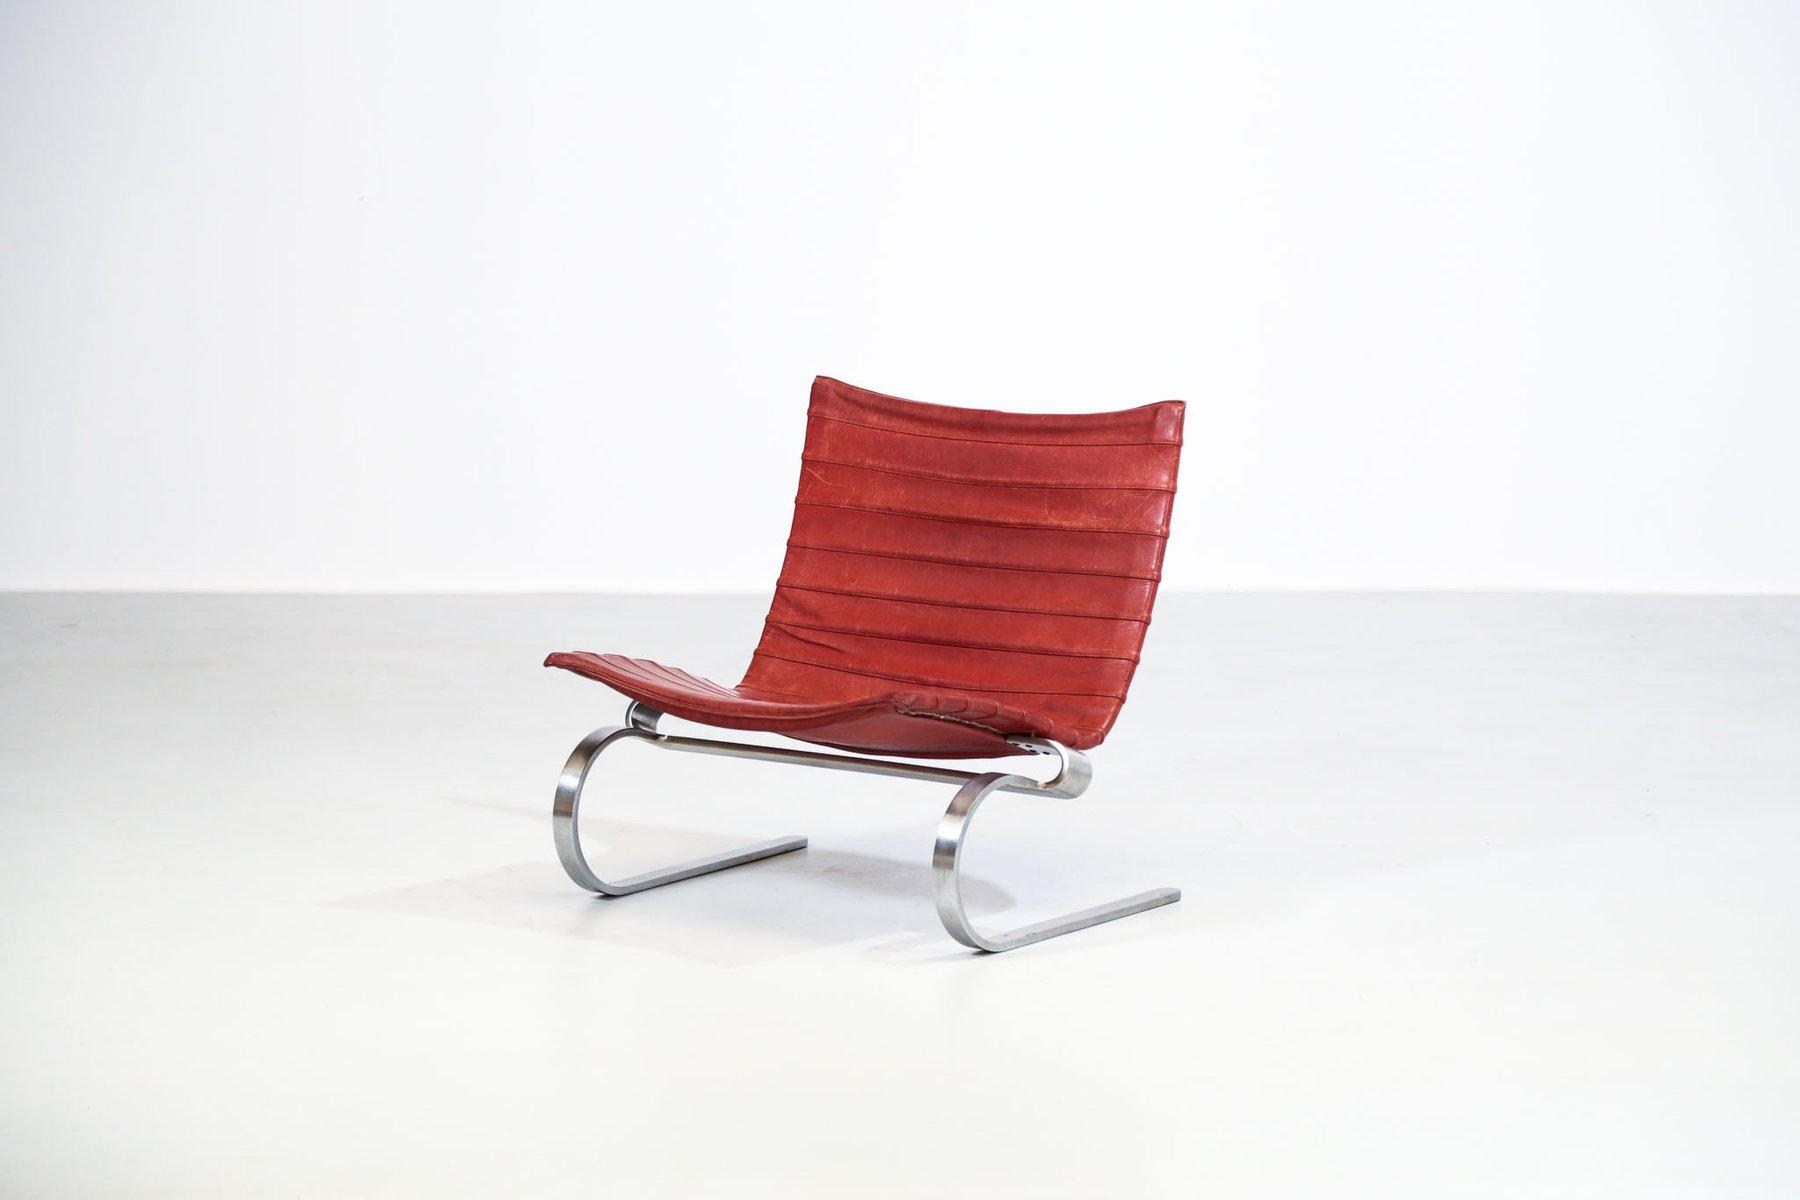 PK20 Sessel von Poul Kjaerholm für E. Kold Christensen, 1968